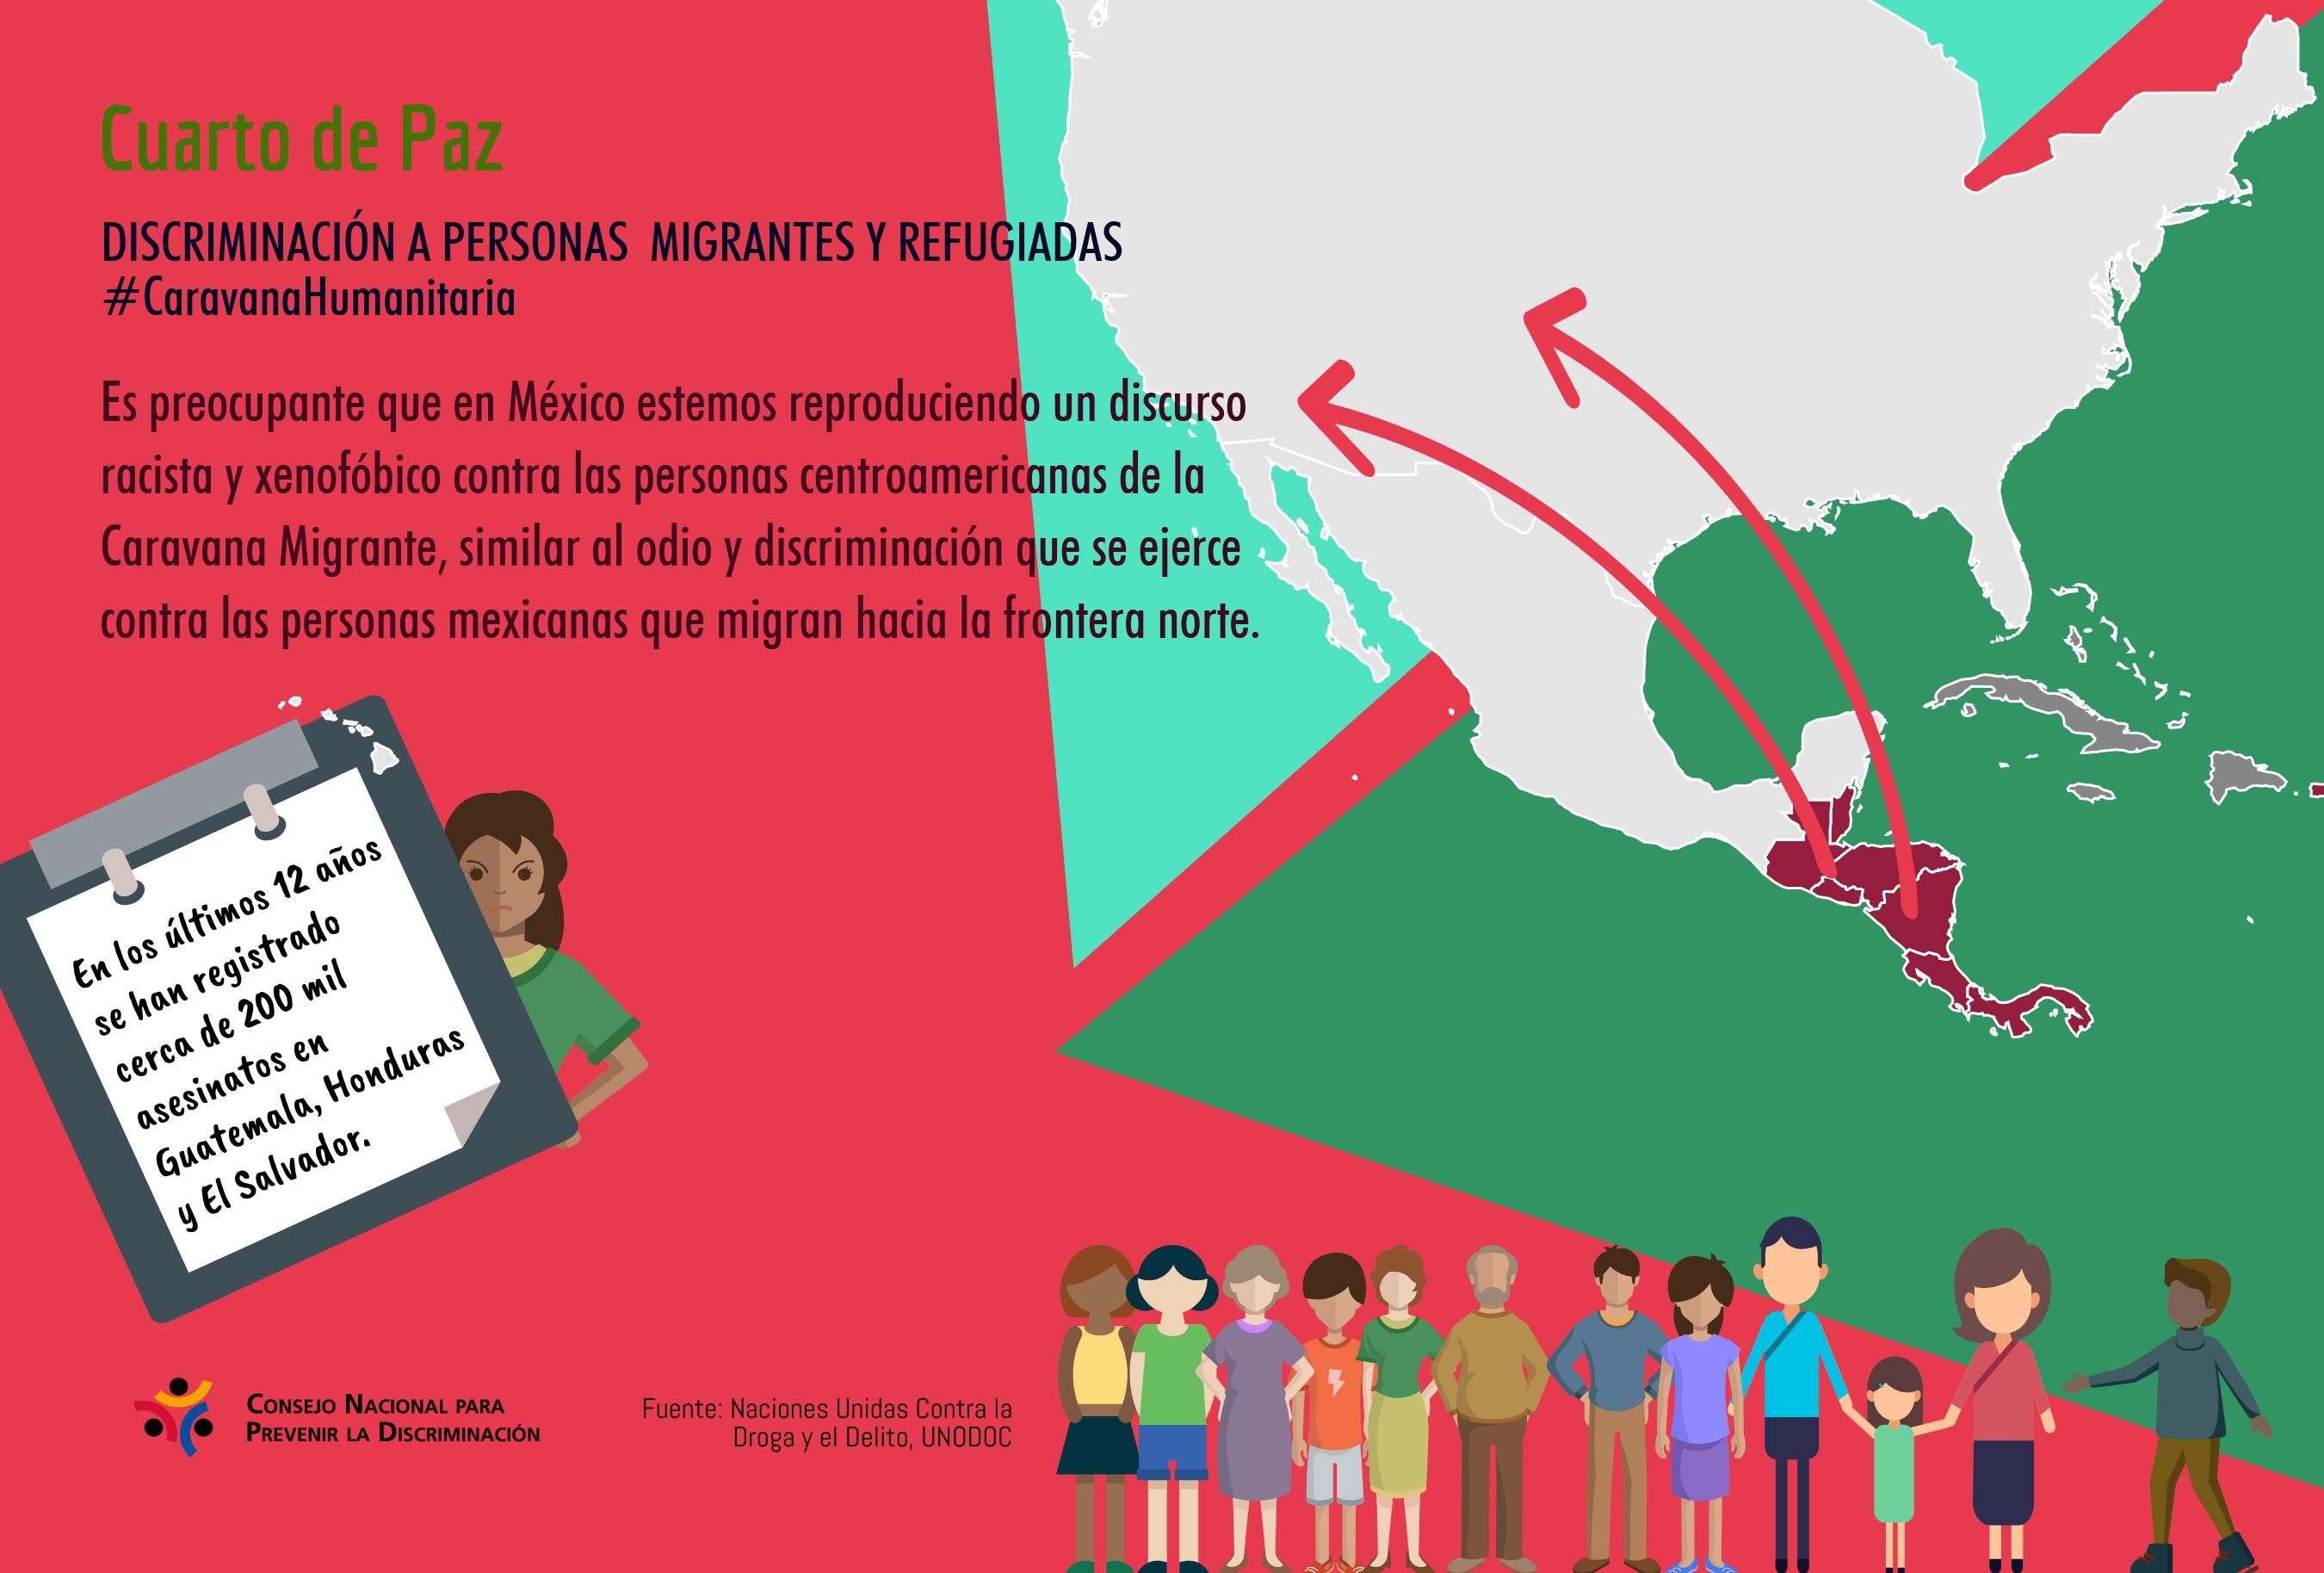 Gráfico alusivo al discurso de odio que se genera para las personas migrantes